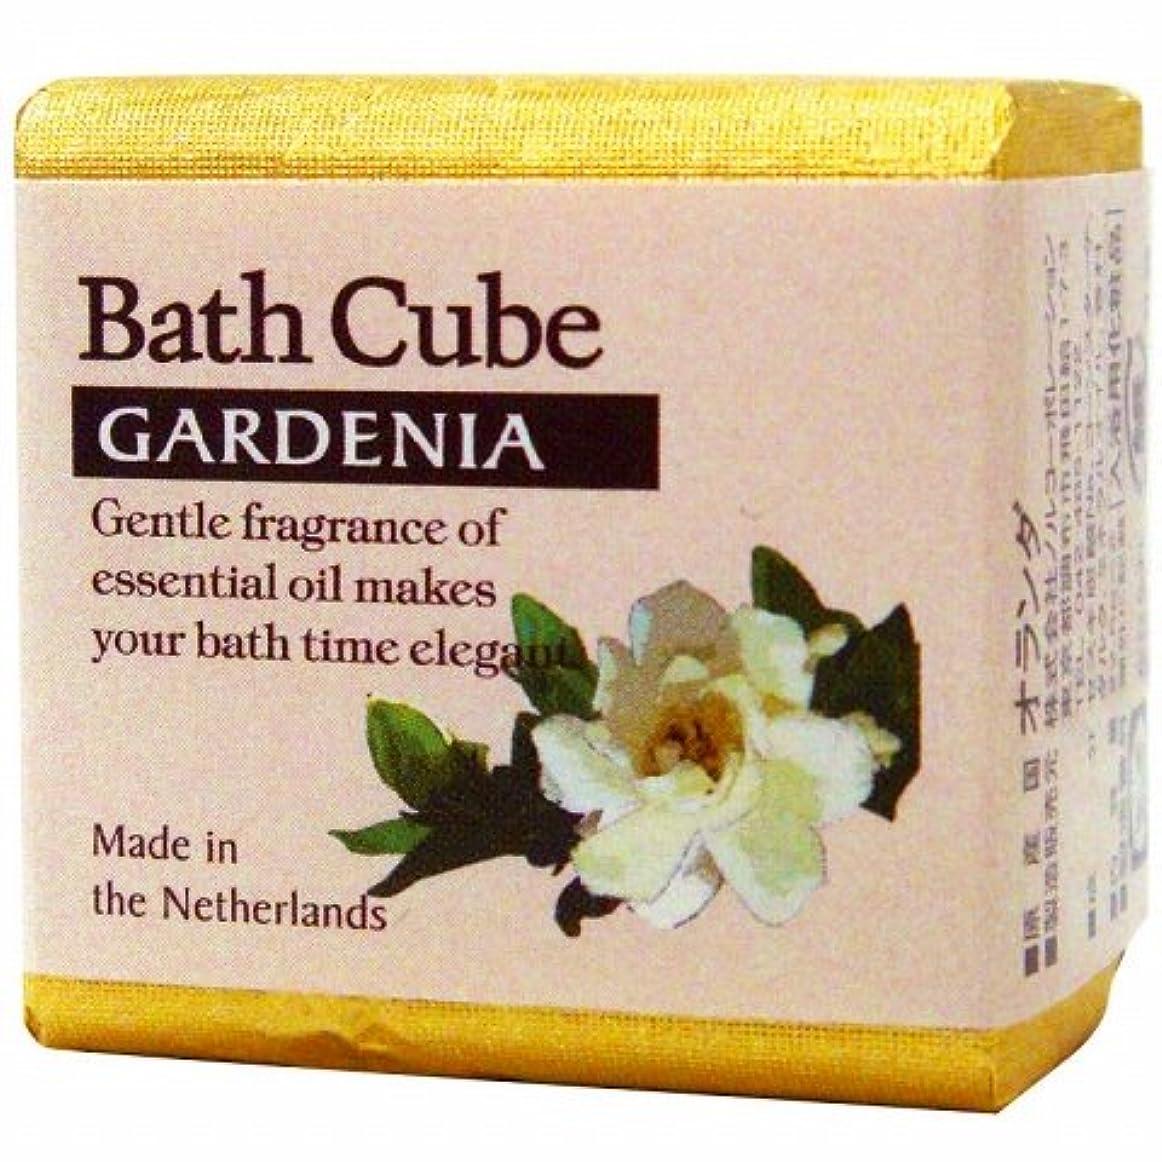 思春期の説明終了しましたフレグランスバスキューブ「ガーデニア」12個セット 甘く咲き誇るくちなしの花の香り